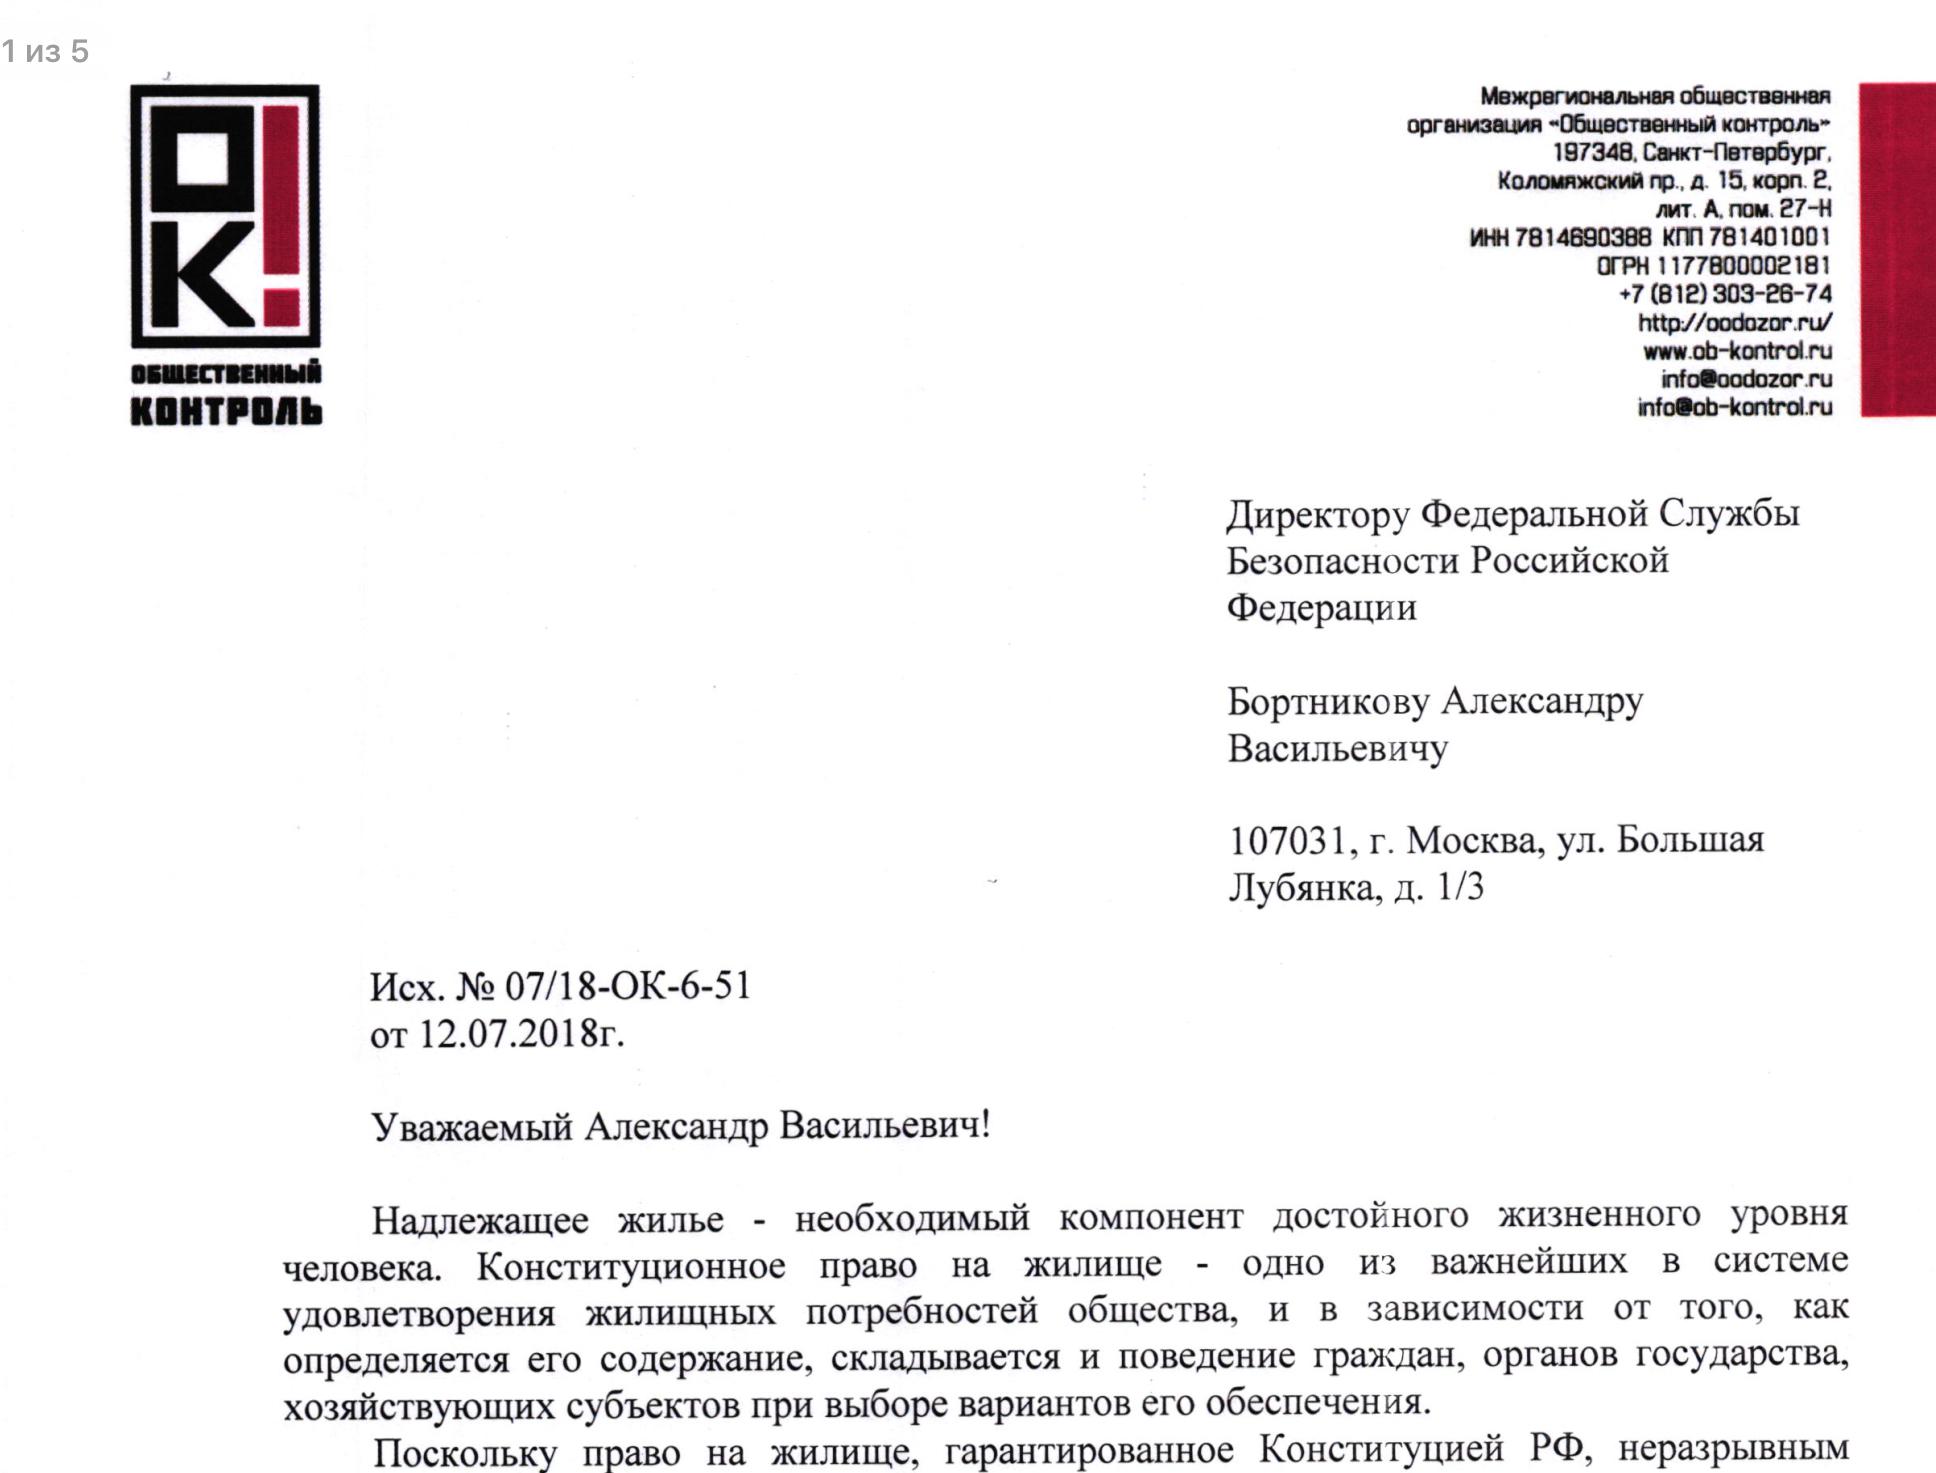 Директору Федеральной Службы Безопасности России Бортникову Александру Васильевичу заявление с просьбой обеспечить проведение проверки изложенных в настоящем заявлении и в заявлении от 07 мая 2018 года доводов и обстоятельств.